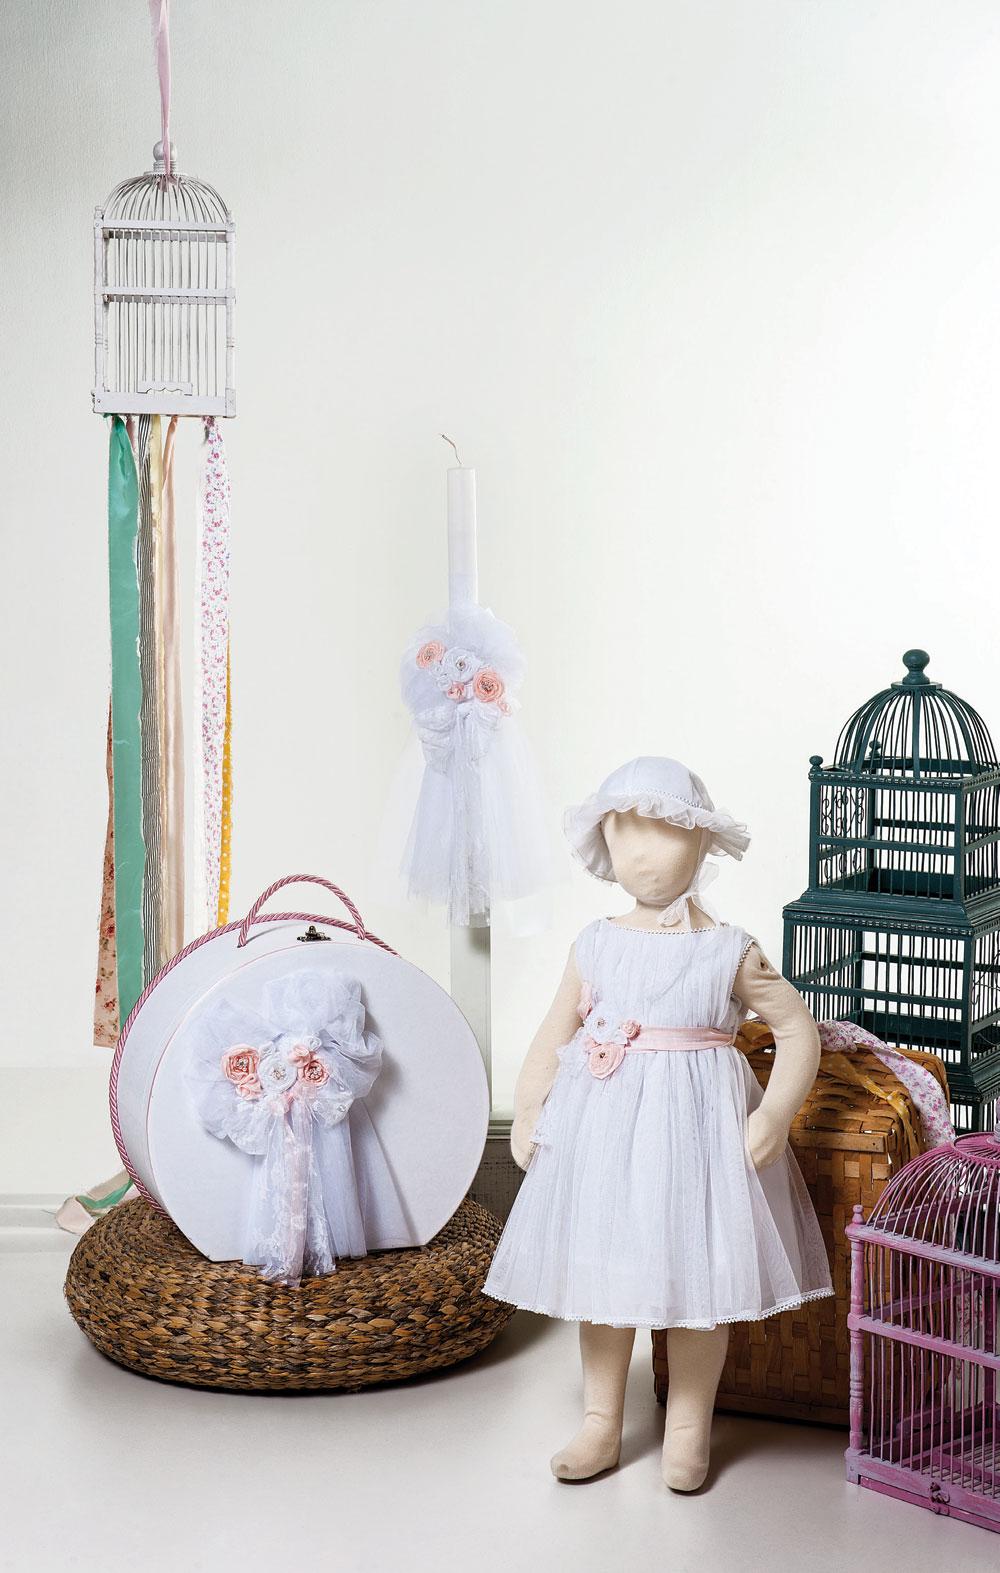 1417 - φόρεμα από τούλι με μεταξωτά χειροποίητα λουλούδια